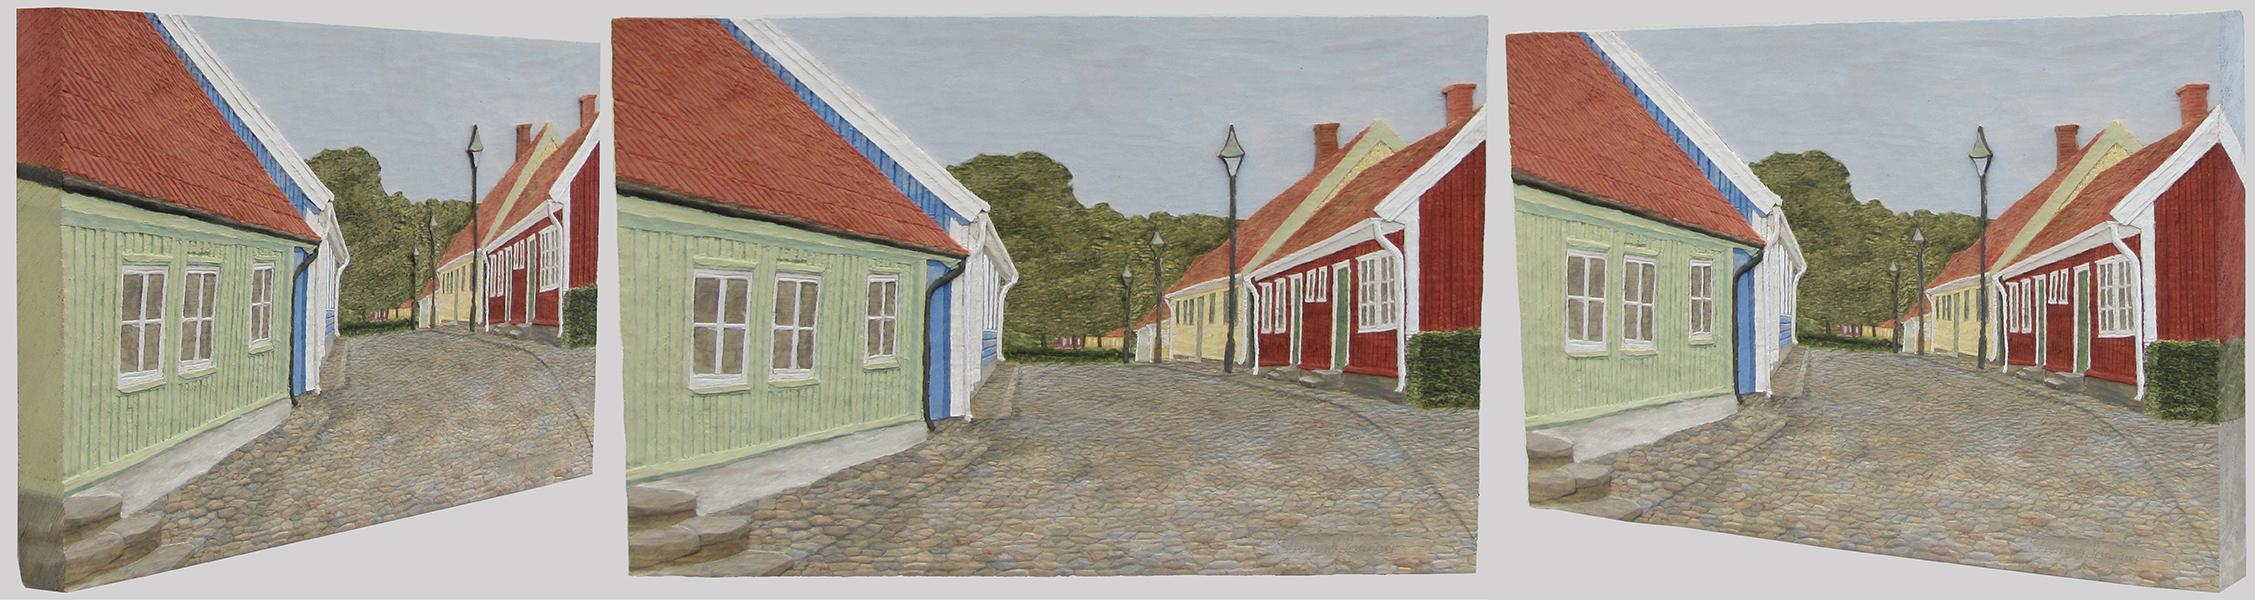 Gamla stan, Falkenberg 2, från olika vinklar